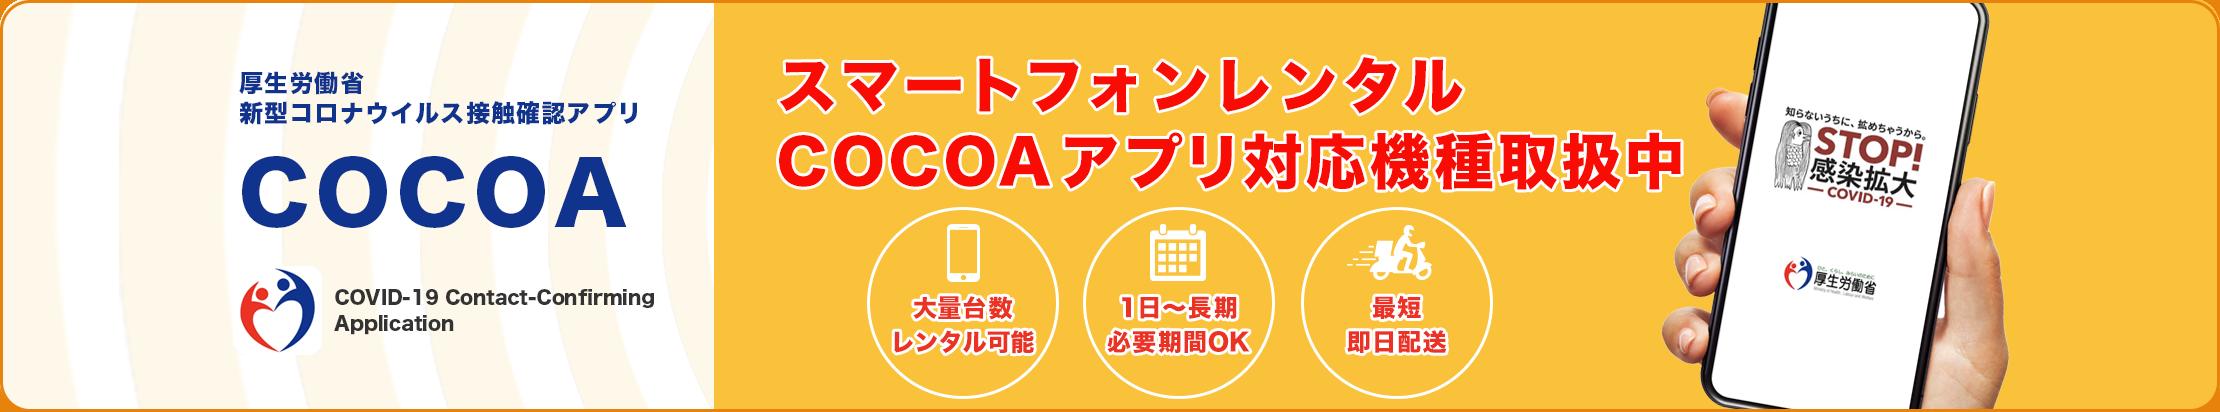 スマートフォンレンタルCOCOAアプリ対応機種取扱中